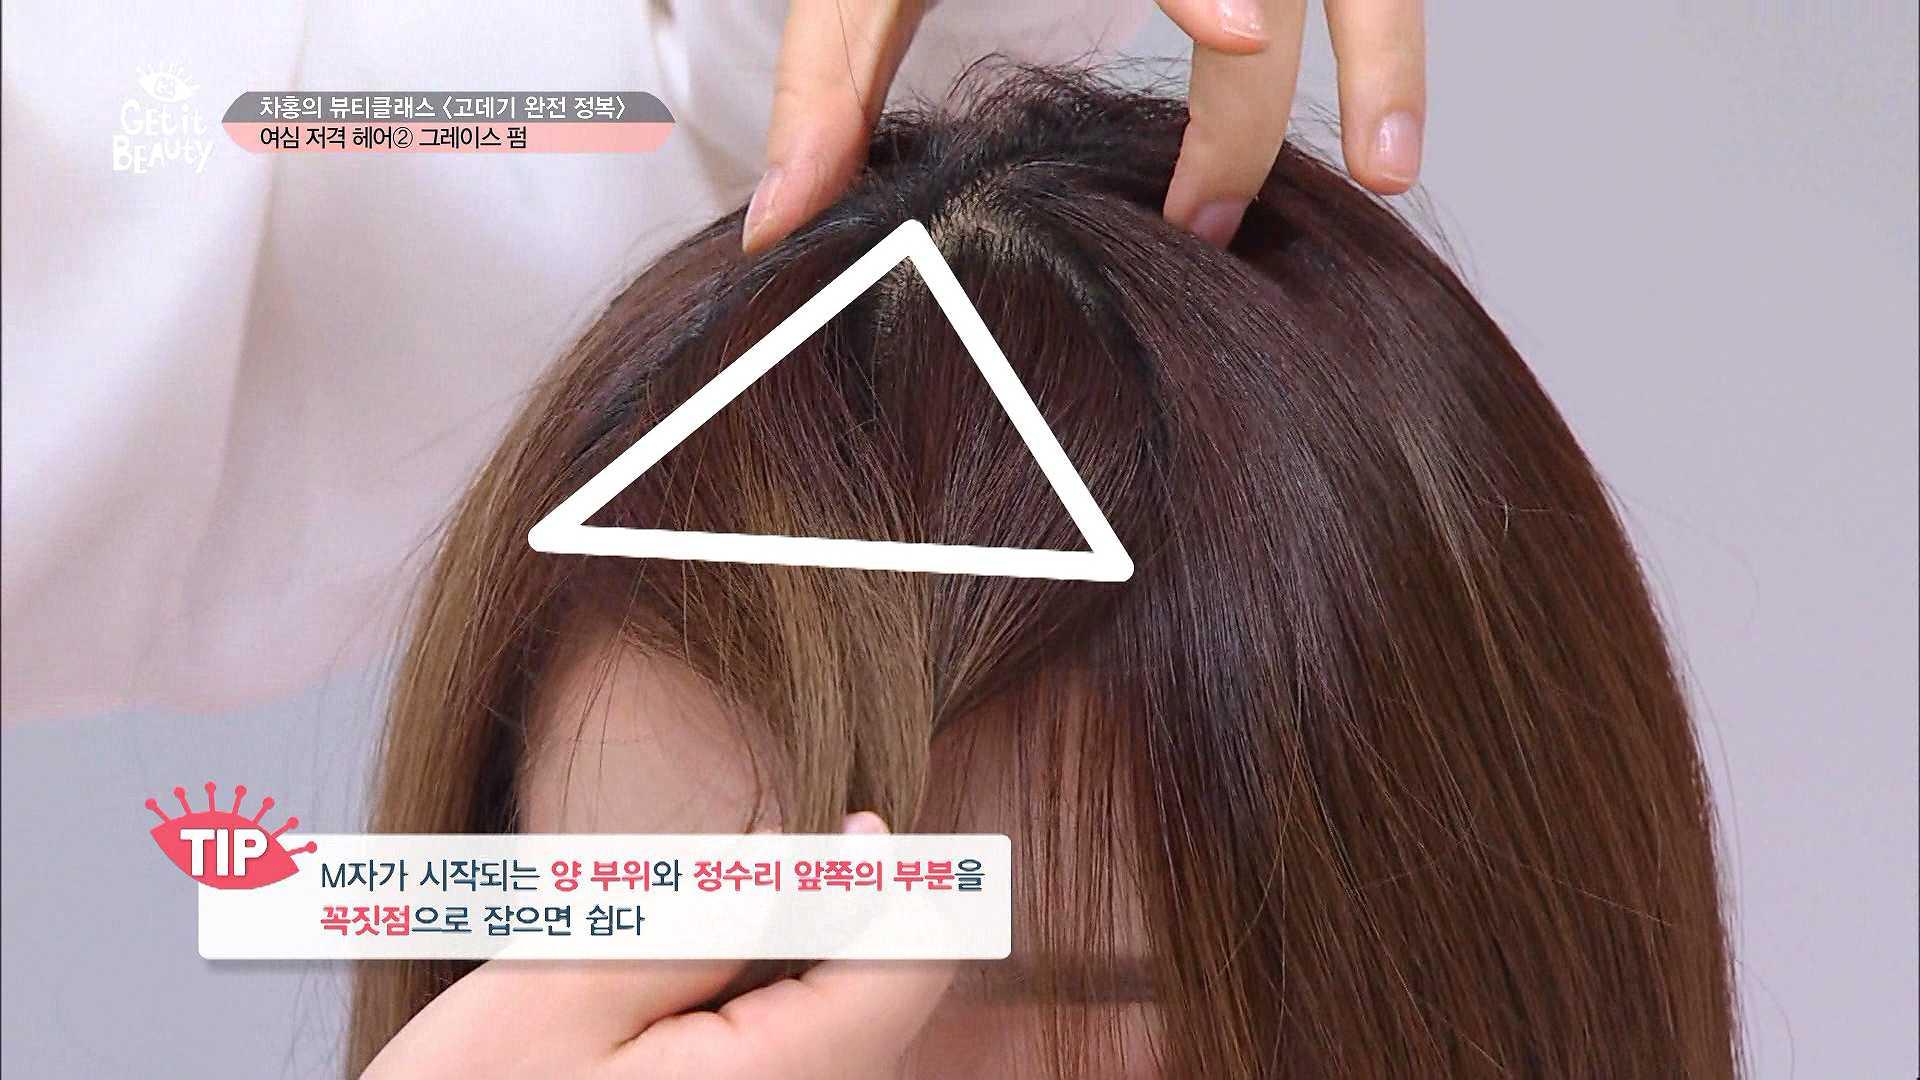 M자로 들어가는 부위부터 정수리까지  삼각형으로 잡아줍니다